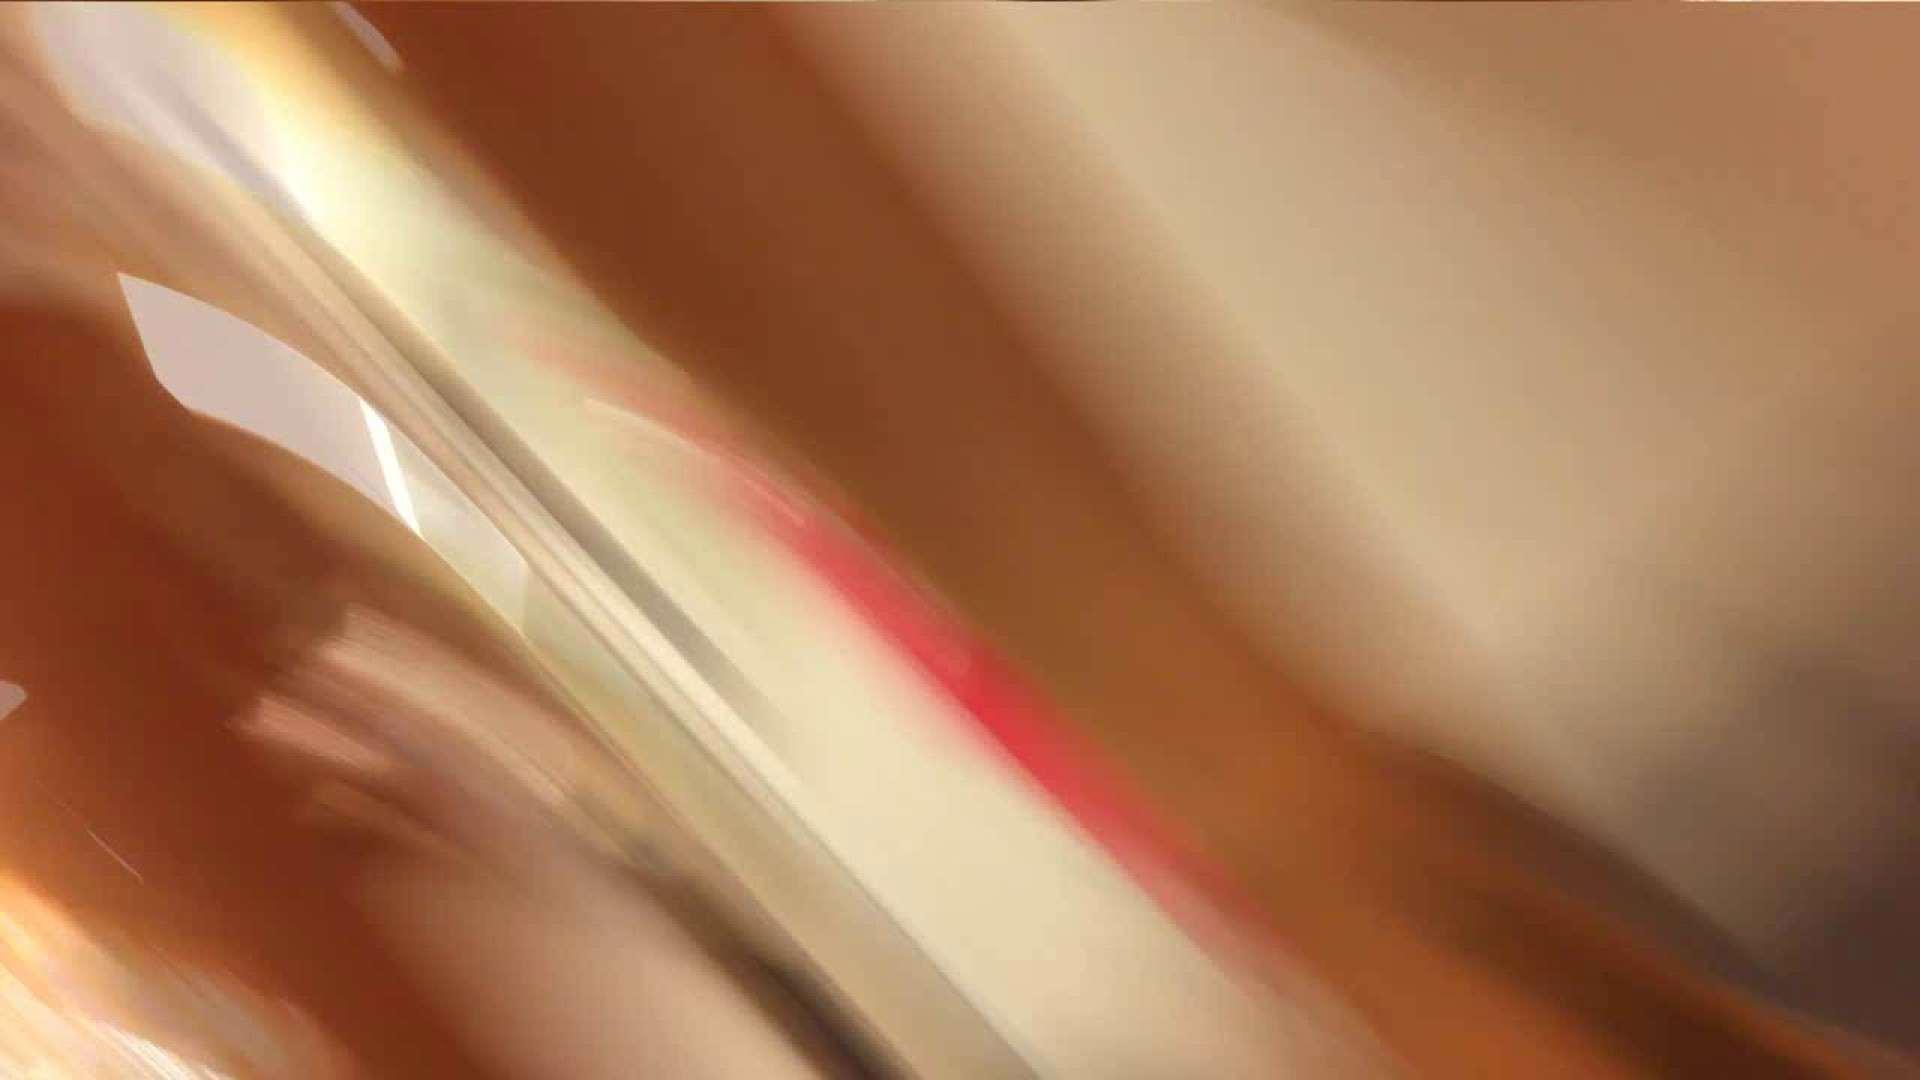 可愛いカリスマ店員限定‼胸チラ&パンチラ vol.10 チラ 盗み撮りAV無料動画キャプチャ 110画像 56